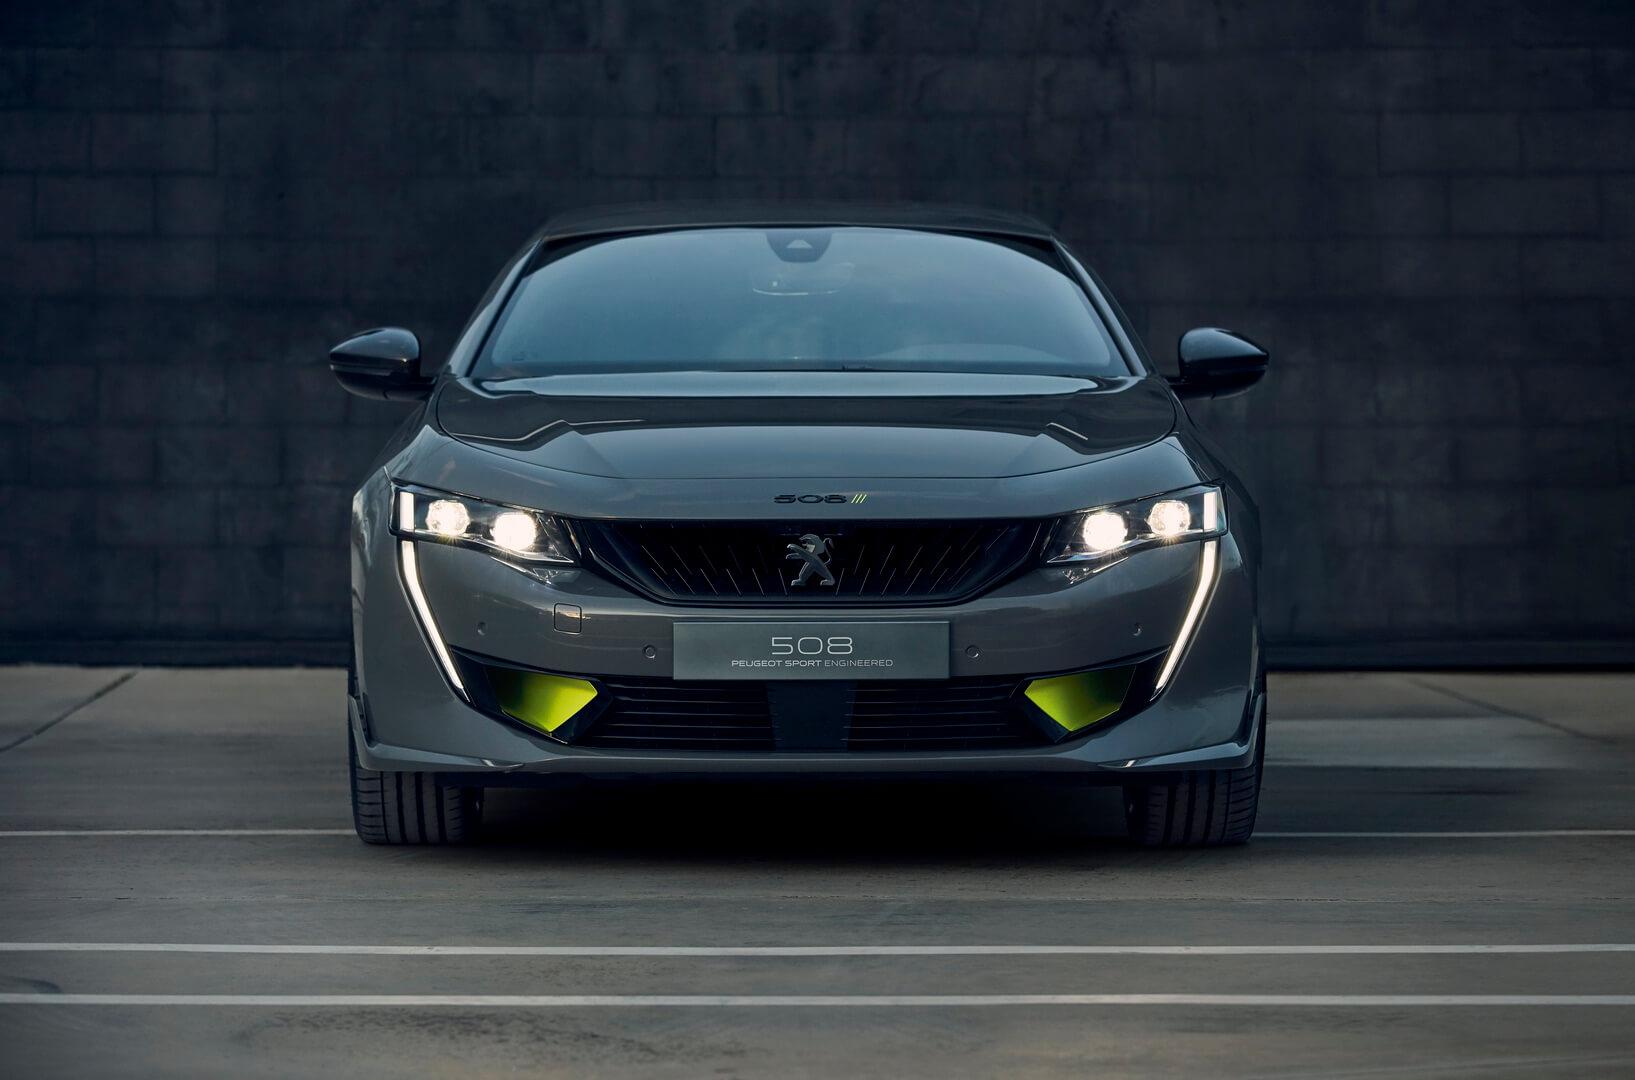 Плагин-гибридный концепт-кар Peugeot 508 Sport Engineered